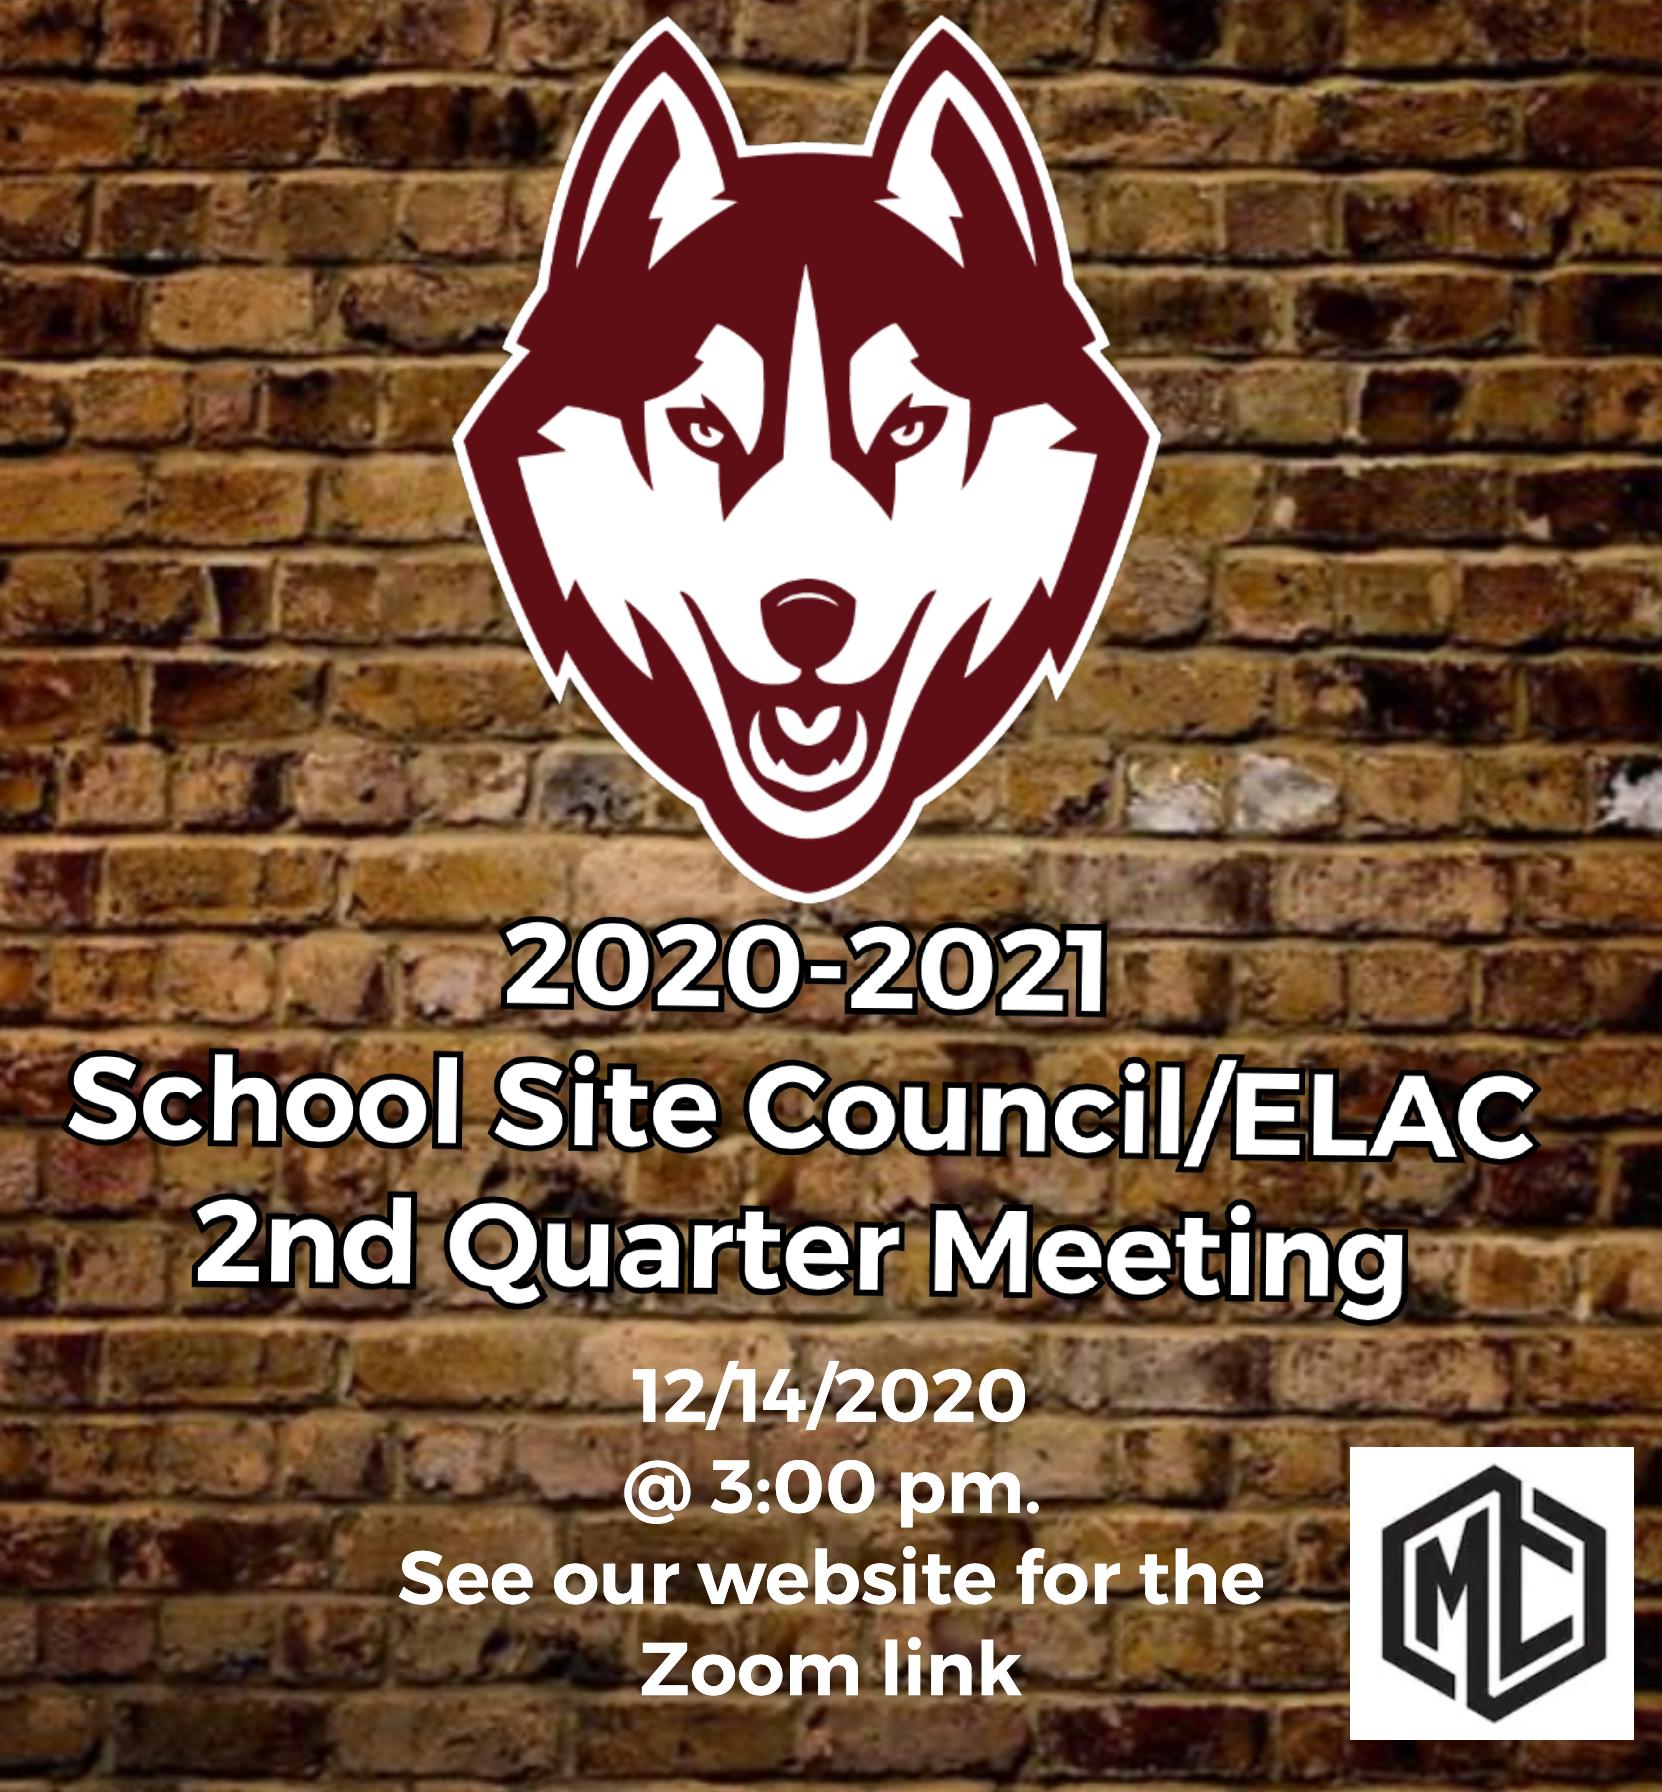 2020-21 School Site Council/ELAC Details above